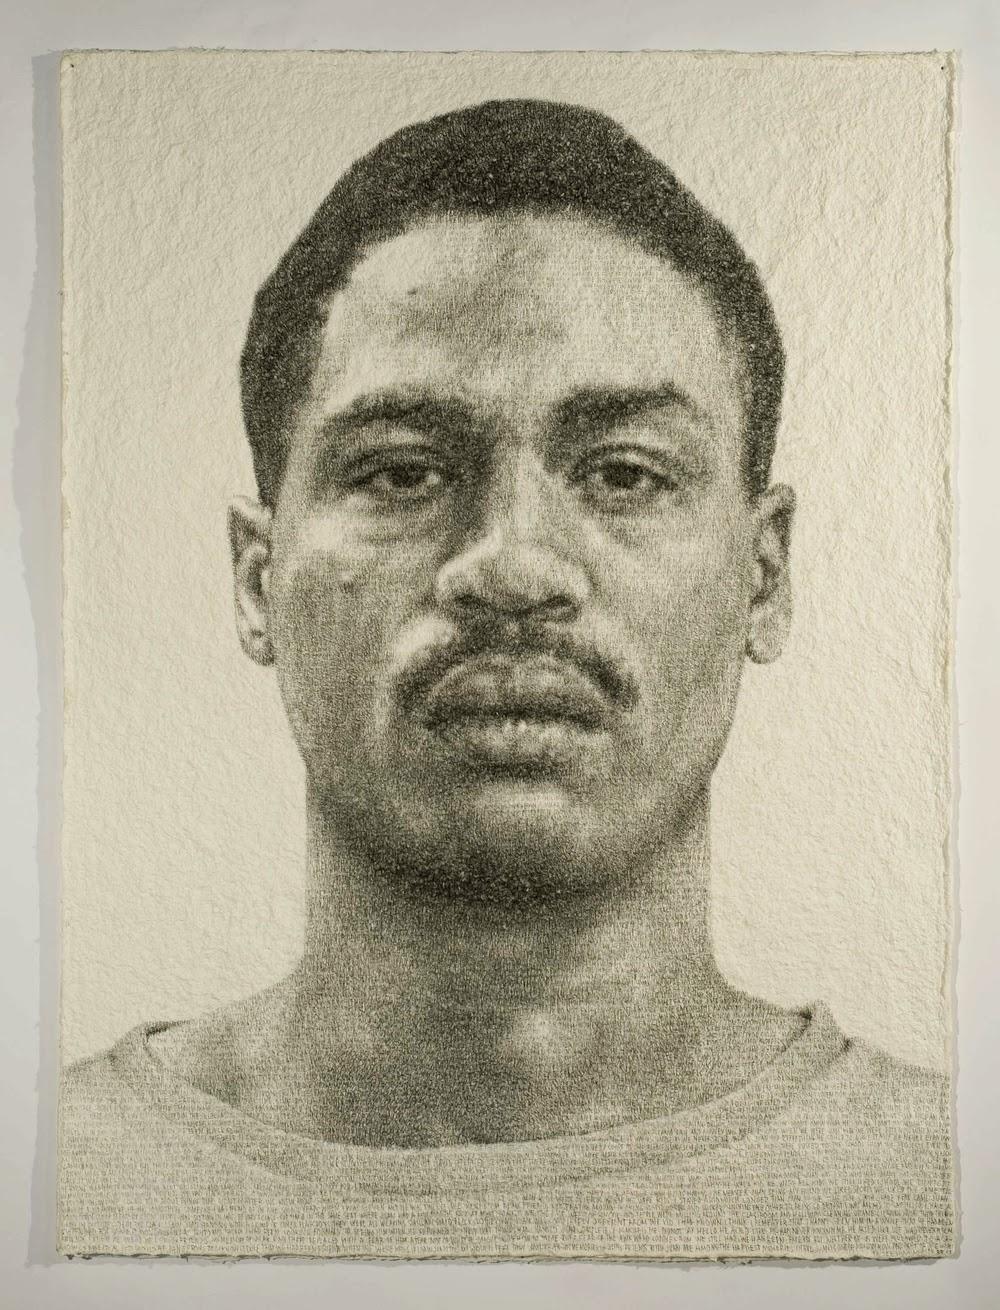 05-Ben-Durham-Written-Portraits-www-designstack-co